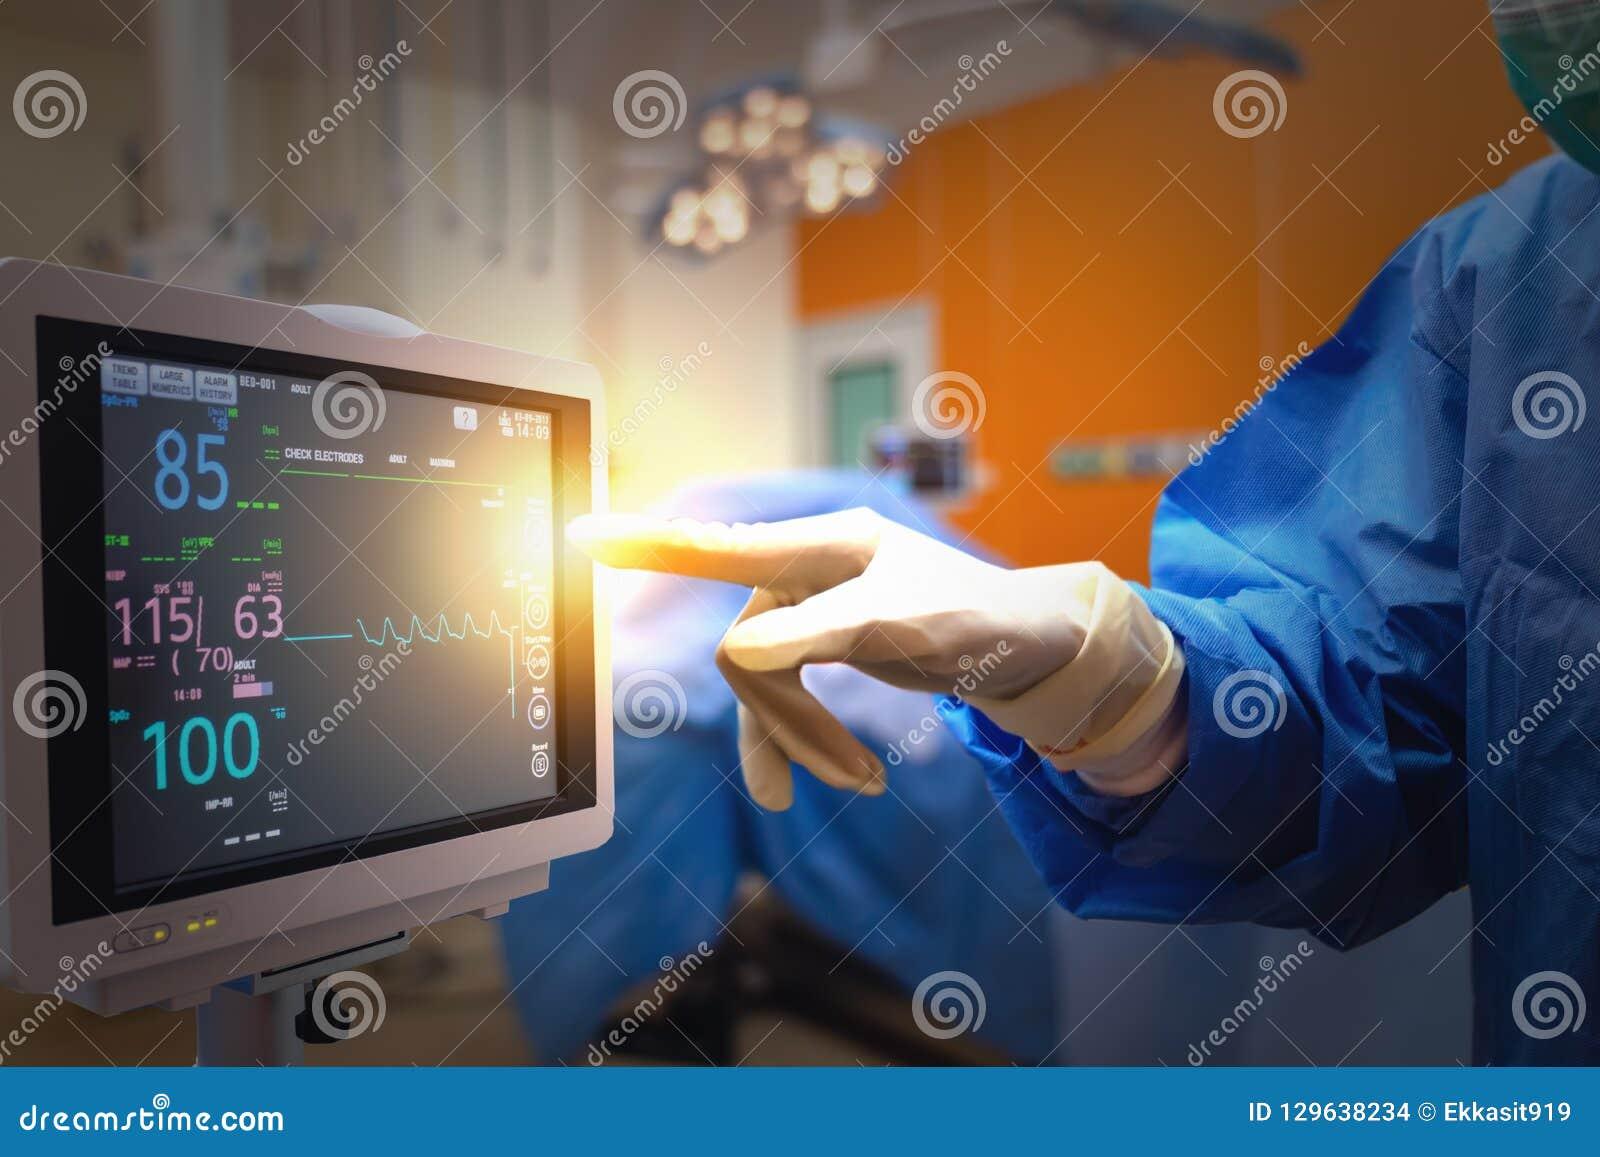 Умная медицинская технология в концепции больницы, докторе в хирургах объединяется в команду поле держа медицинские инструменты д